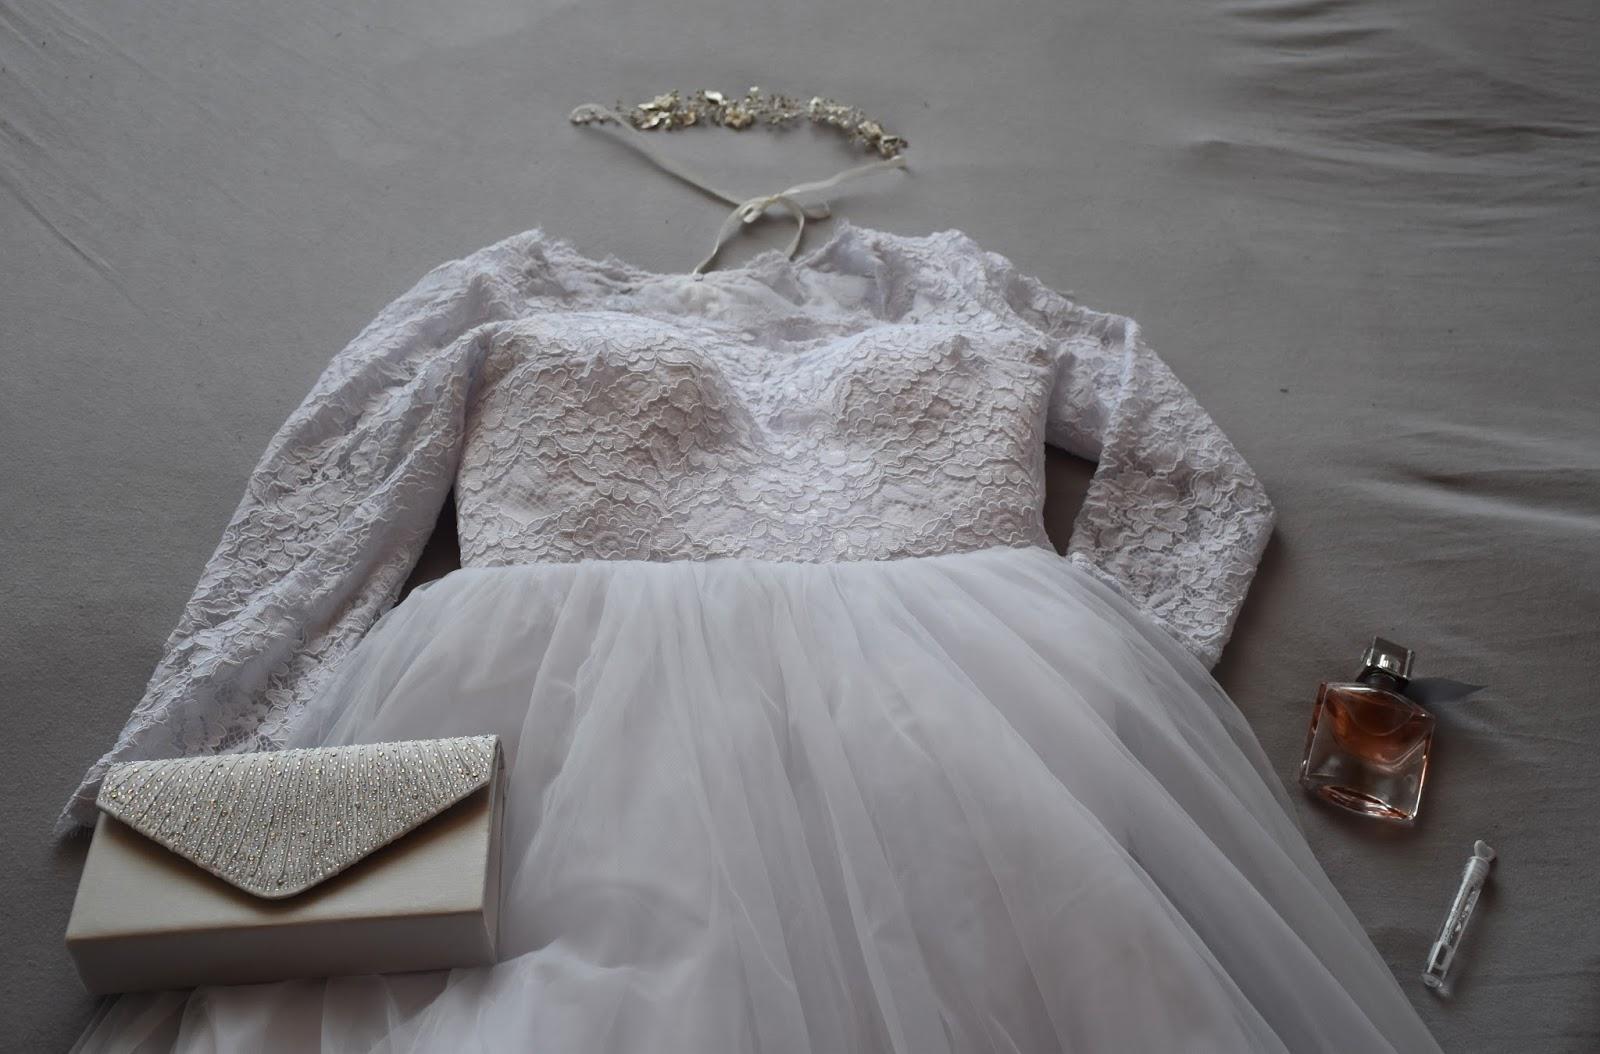 4de149f11766 Moje svadobné šaty sú samozrejme biele. Vrchná časť šiat je čipkovaná a na  nad prsiami je už priehľadná. Sukňa šiat je tylová a pod niekoľkými  vrstvami tylu ...